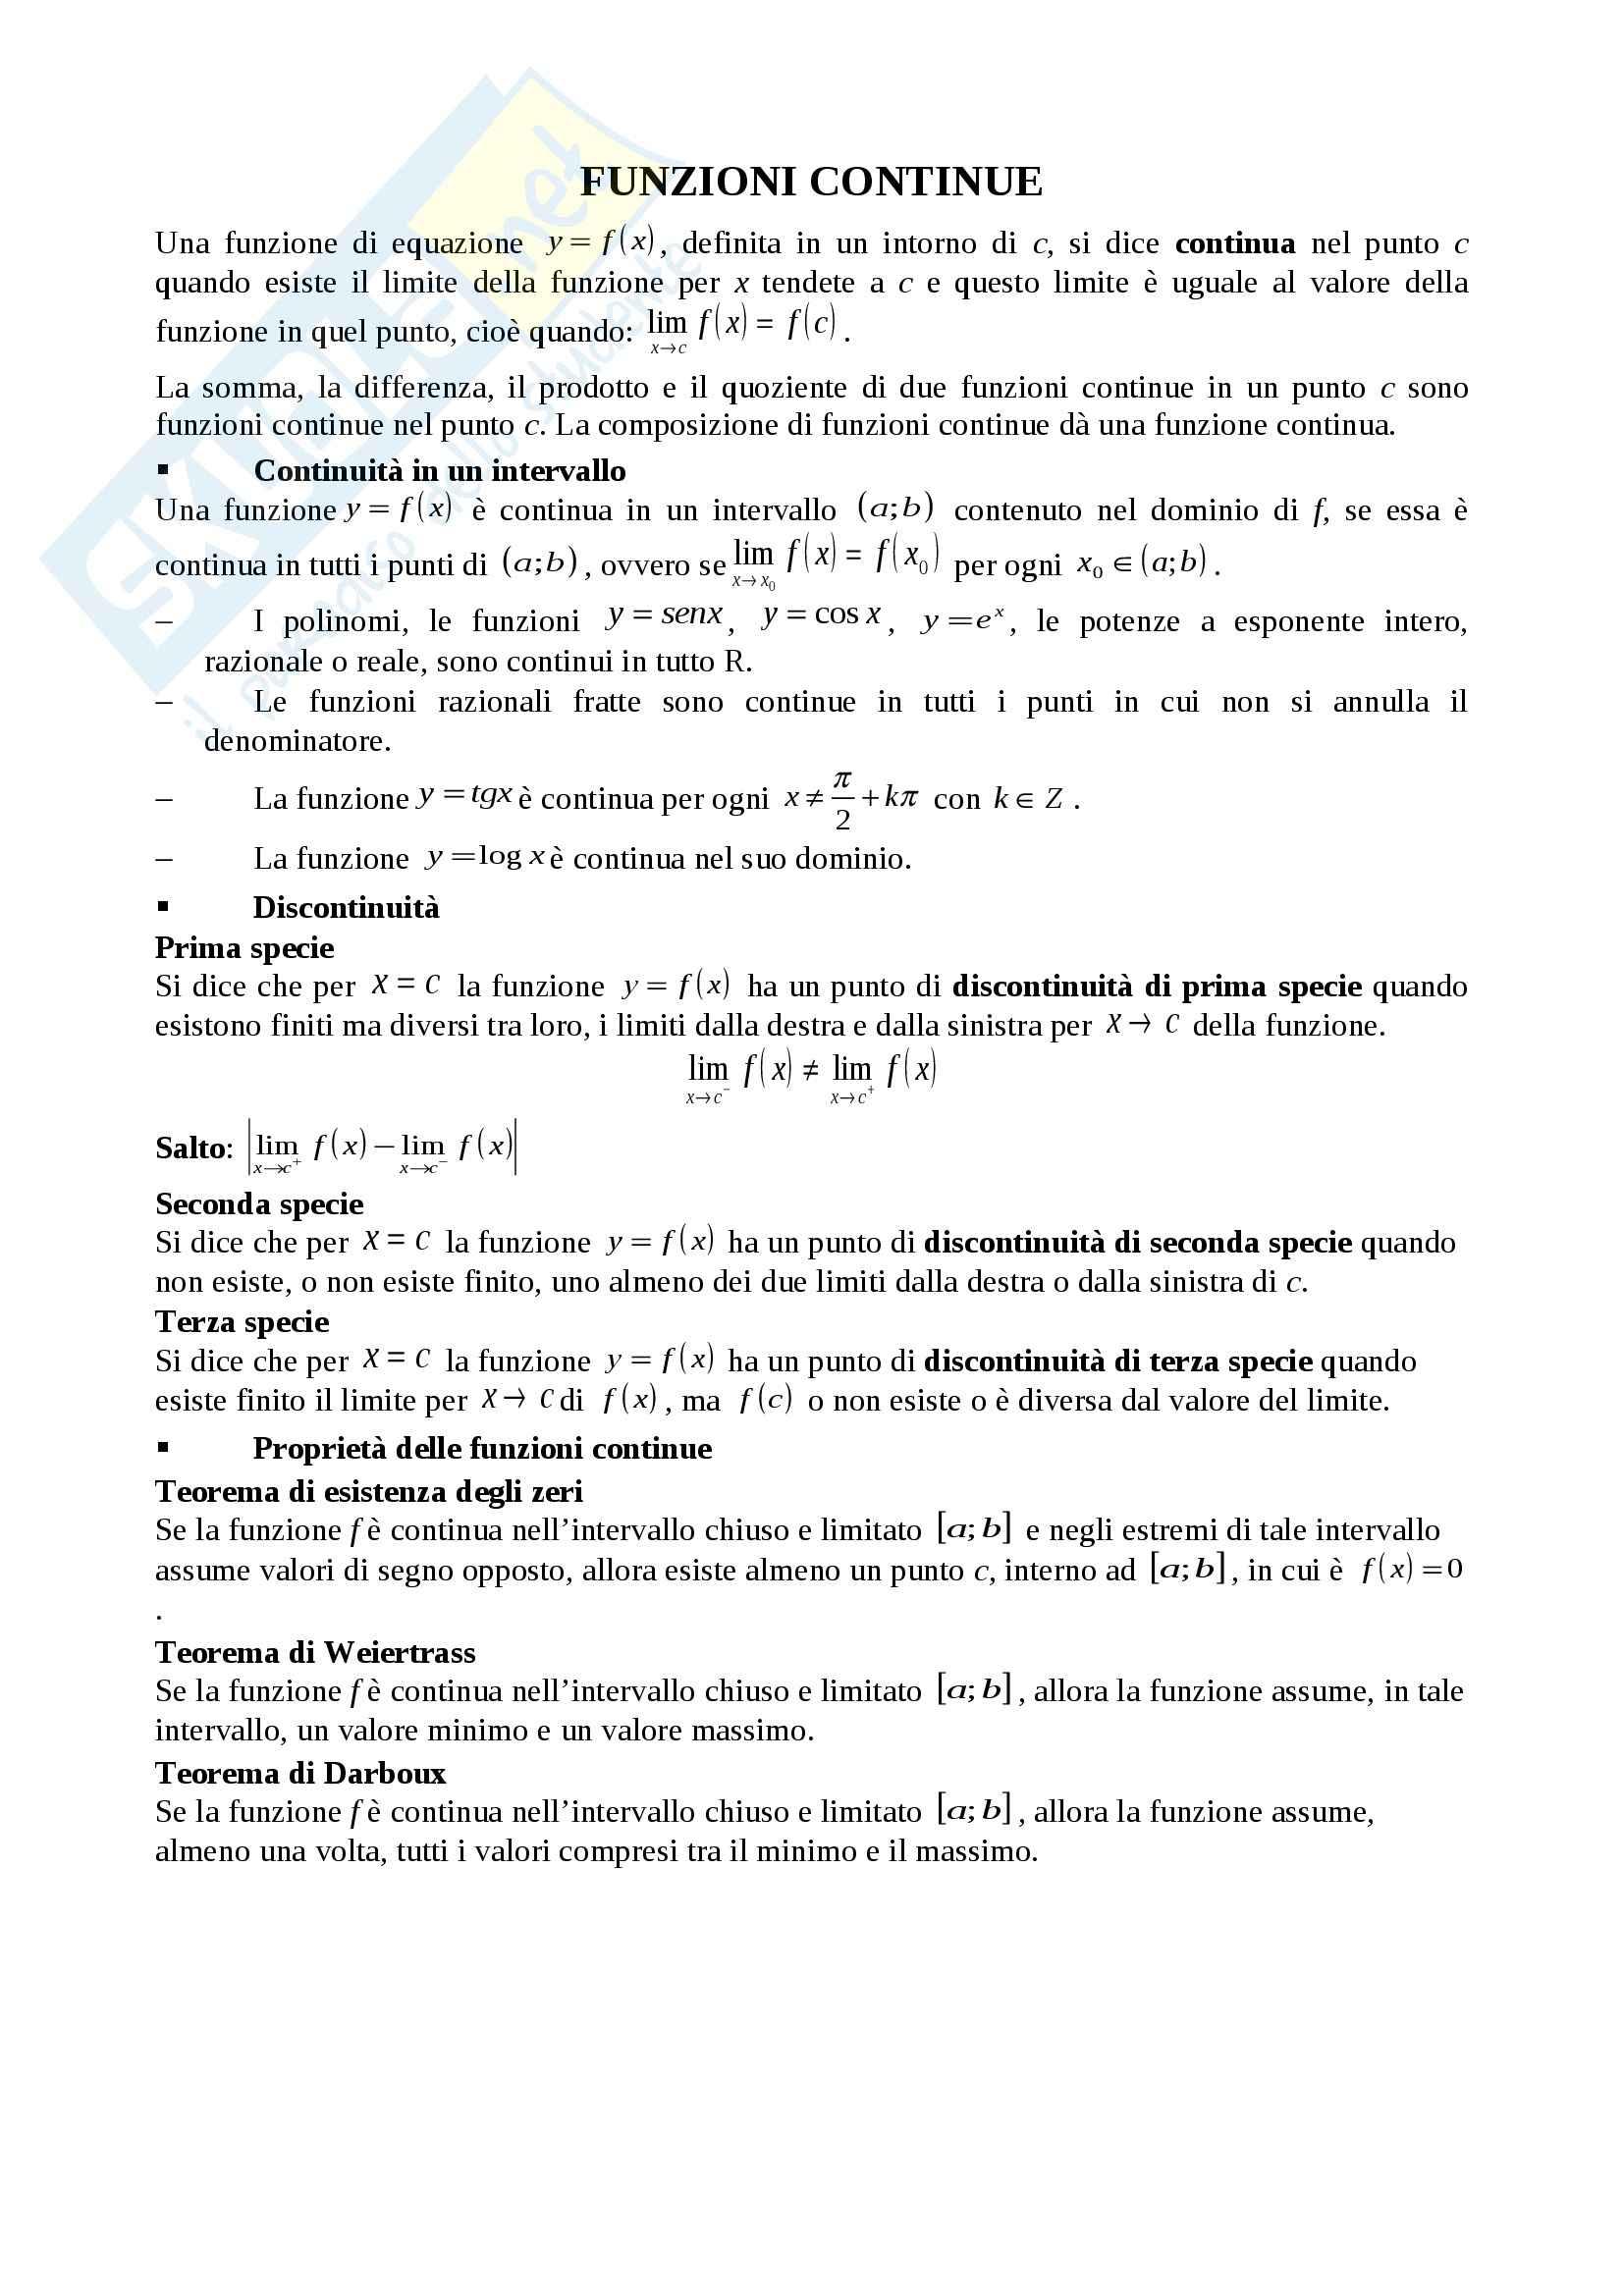 Schema sulle funzioni continue, Analisi matematica I